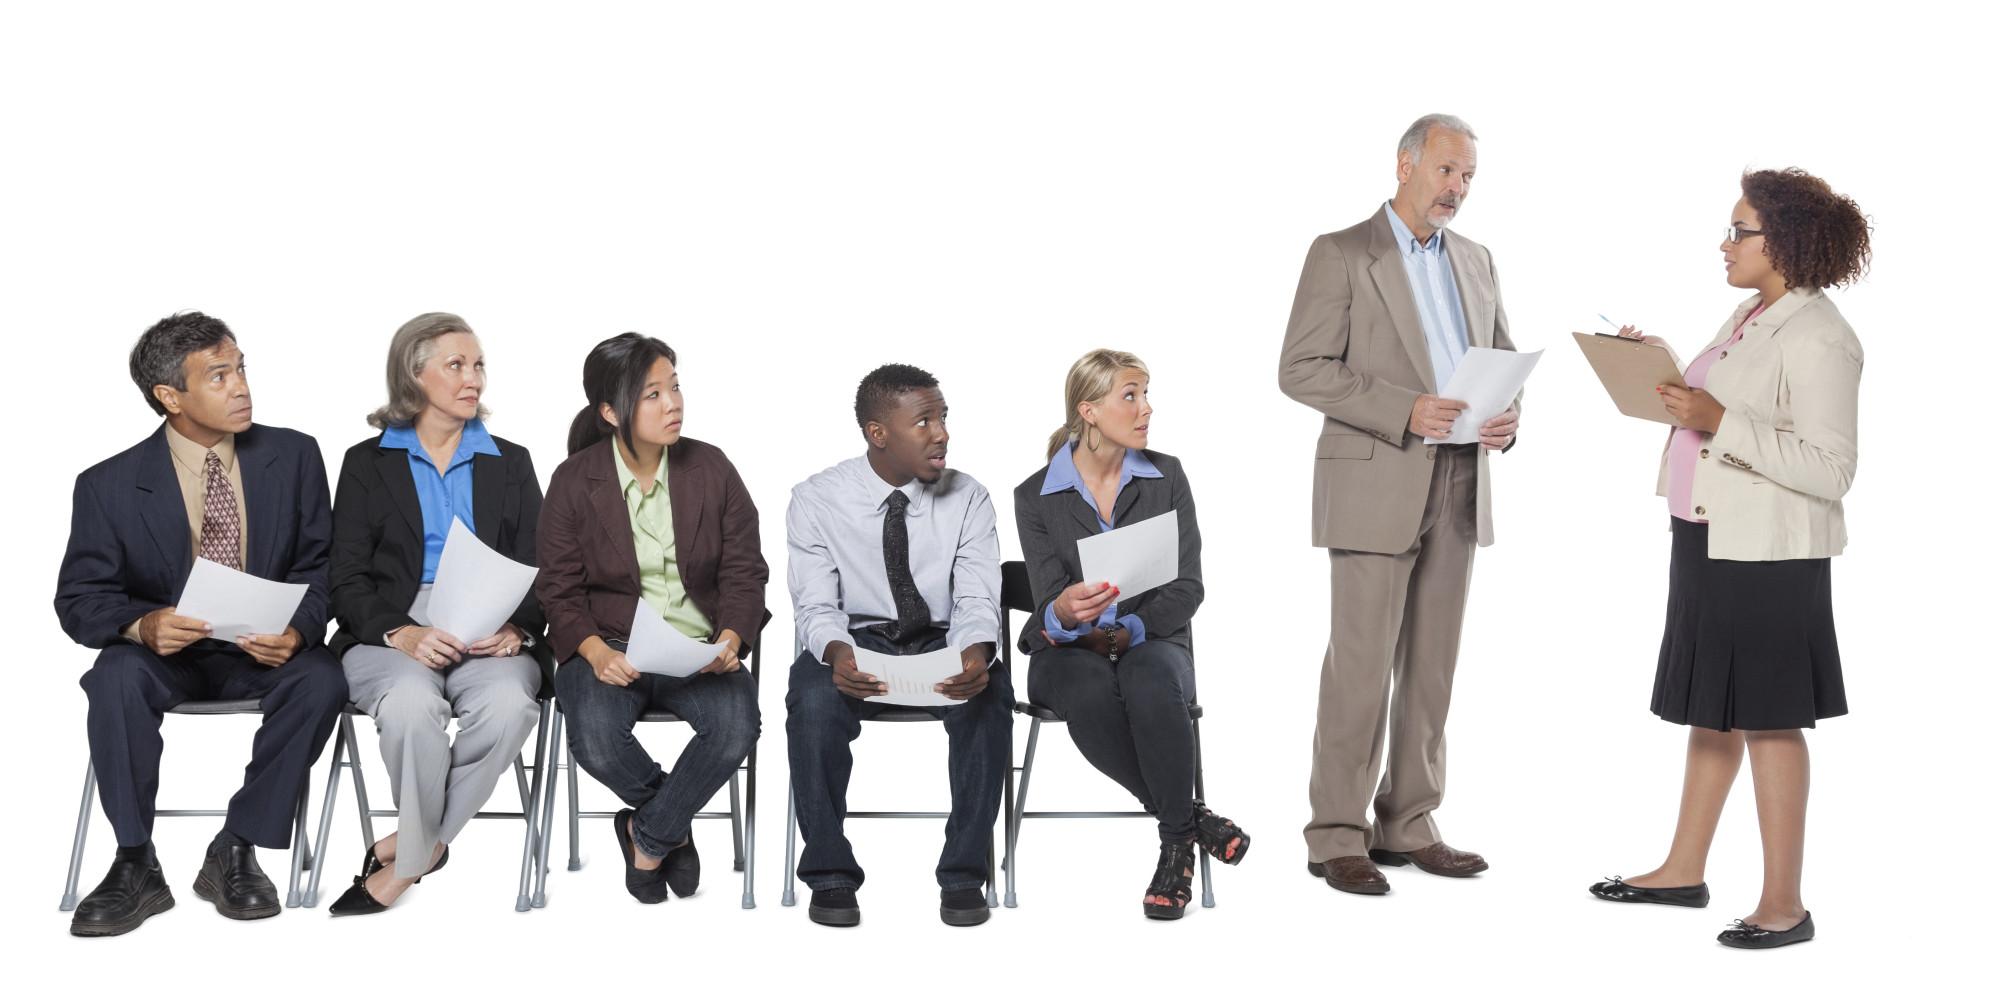 diversity jobs [keyword]